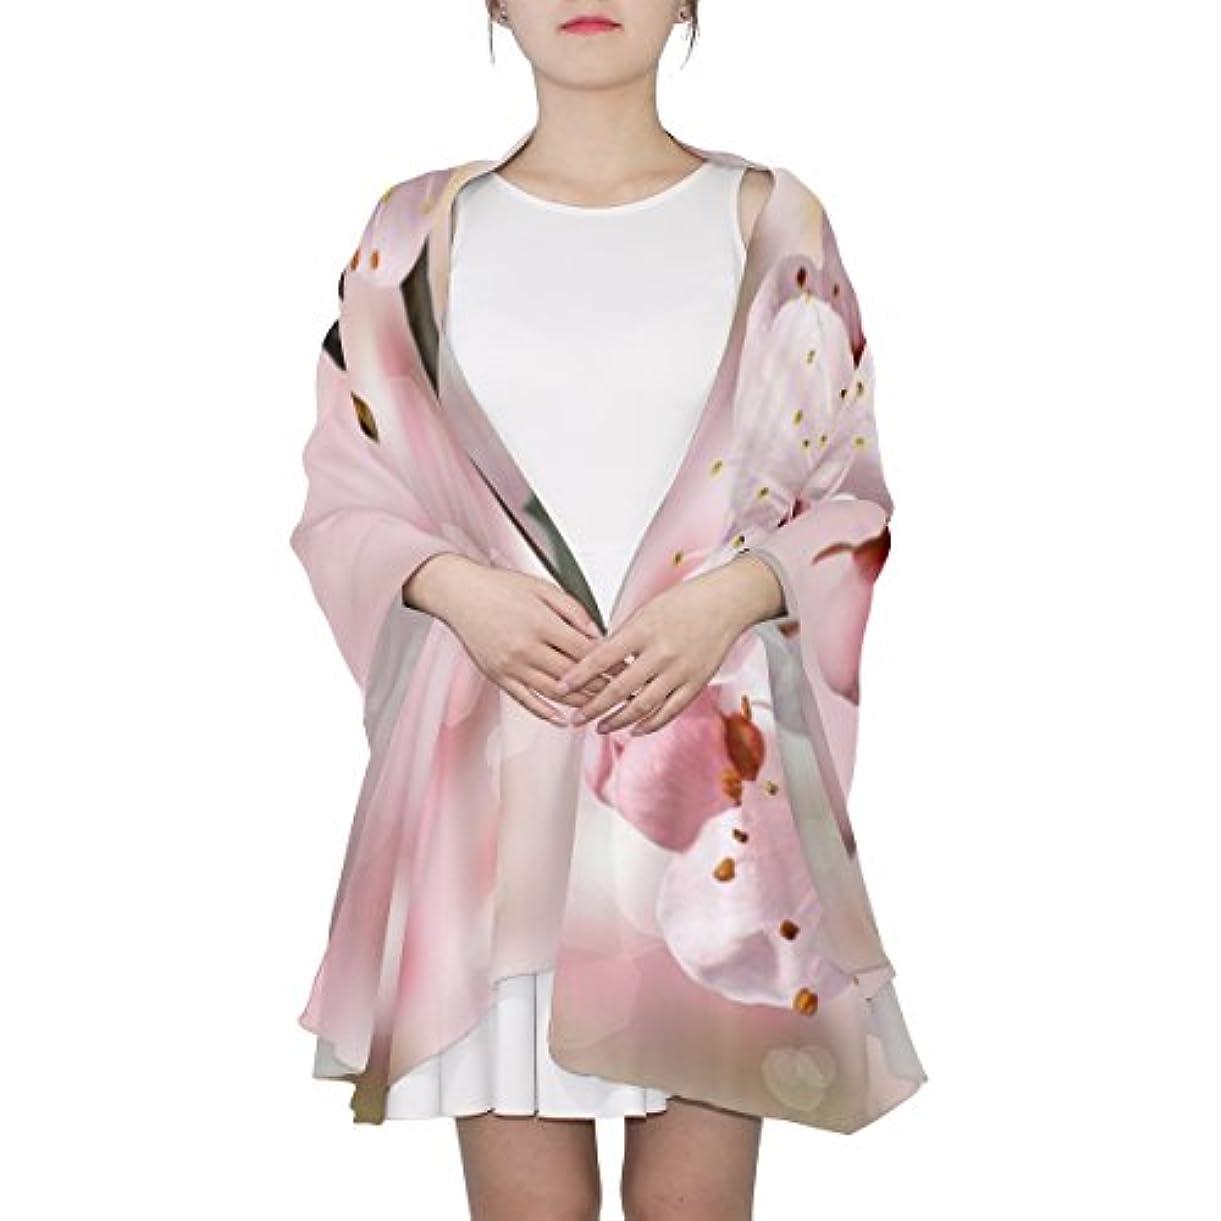 フォアマン上に築きます混乱させるGORIRA(ゴリラ) サクラ 花柄 ピンク ロング 人気 おしゃれ 個性 スカーフ ストール バンダナ 肌触り抜群 薄手 プレゼント レディース やわらかい シフォン 絹のスカーフ 90x180cm